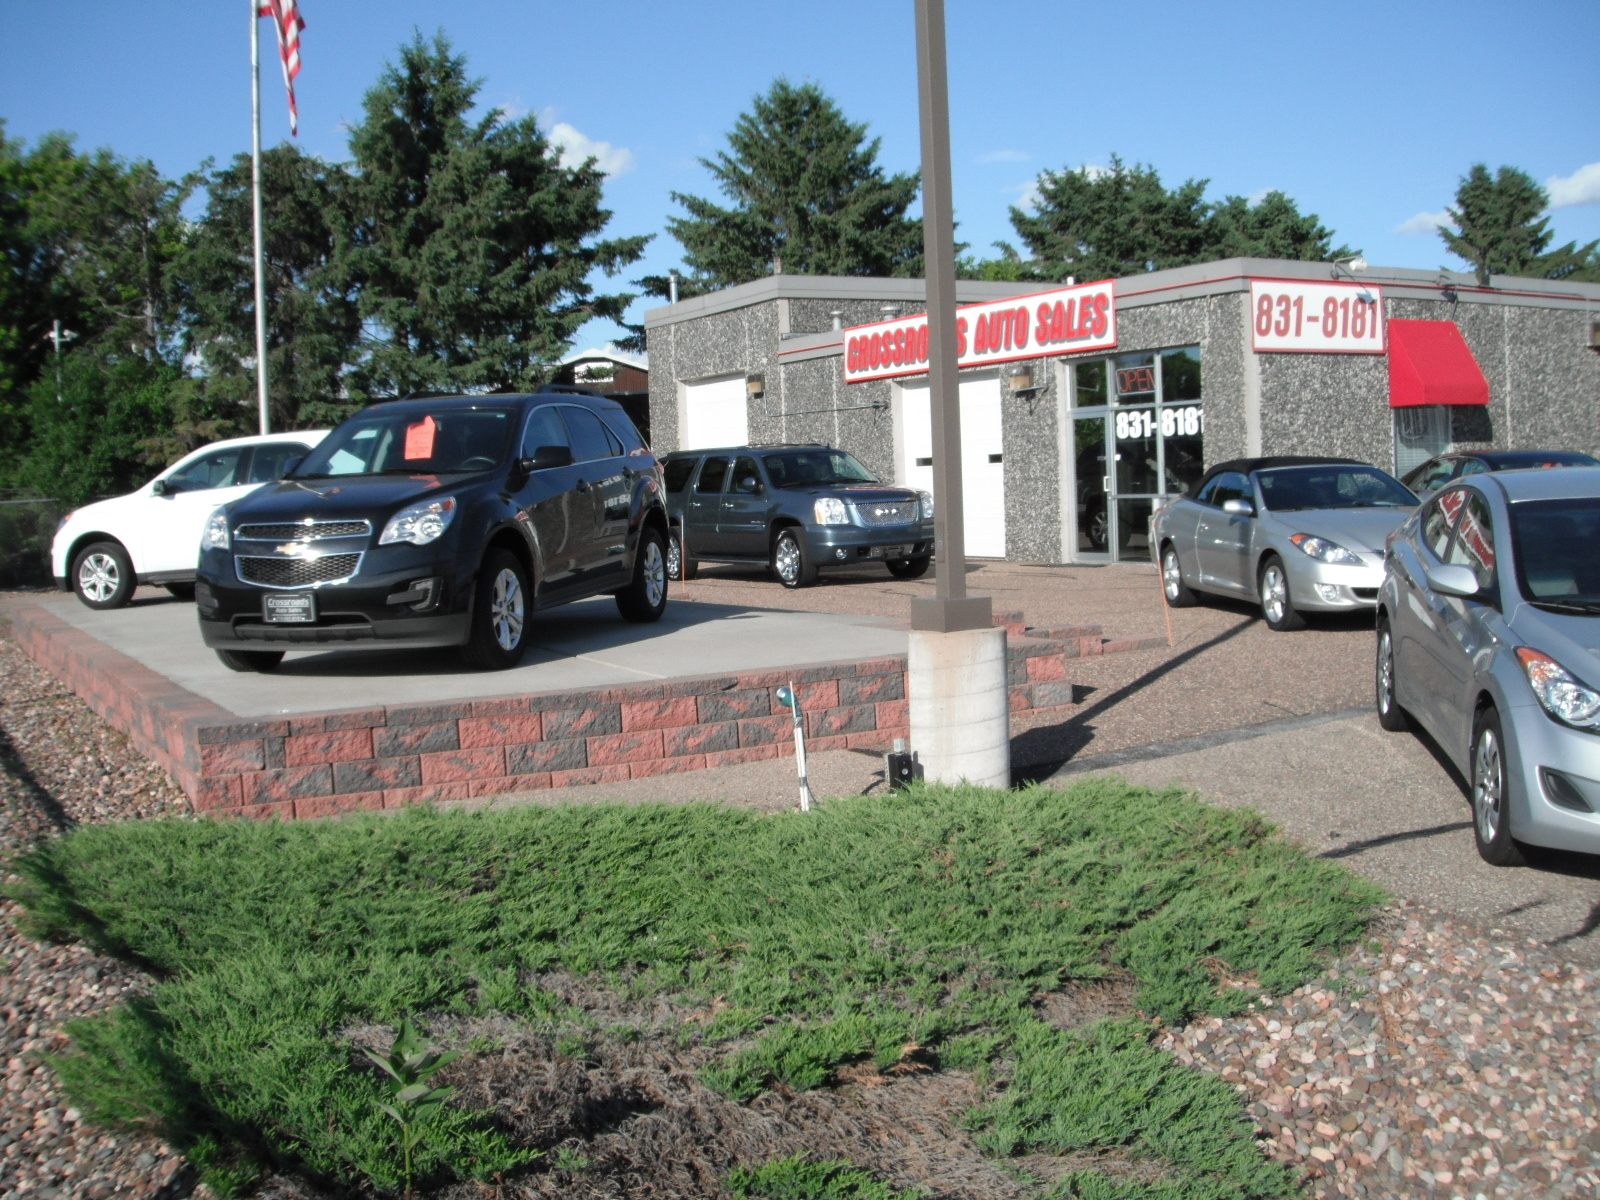 Crossroads Auto Sales - Eau Claire, WI - Reviews & Deals ...